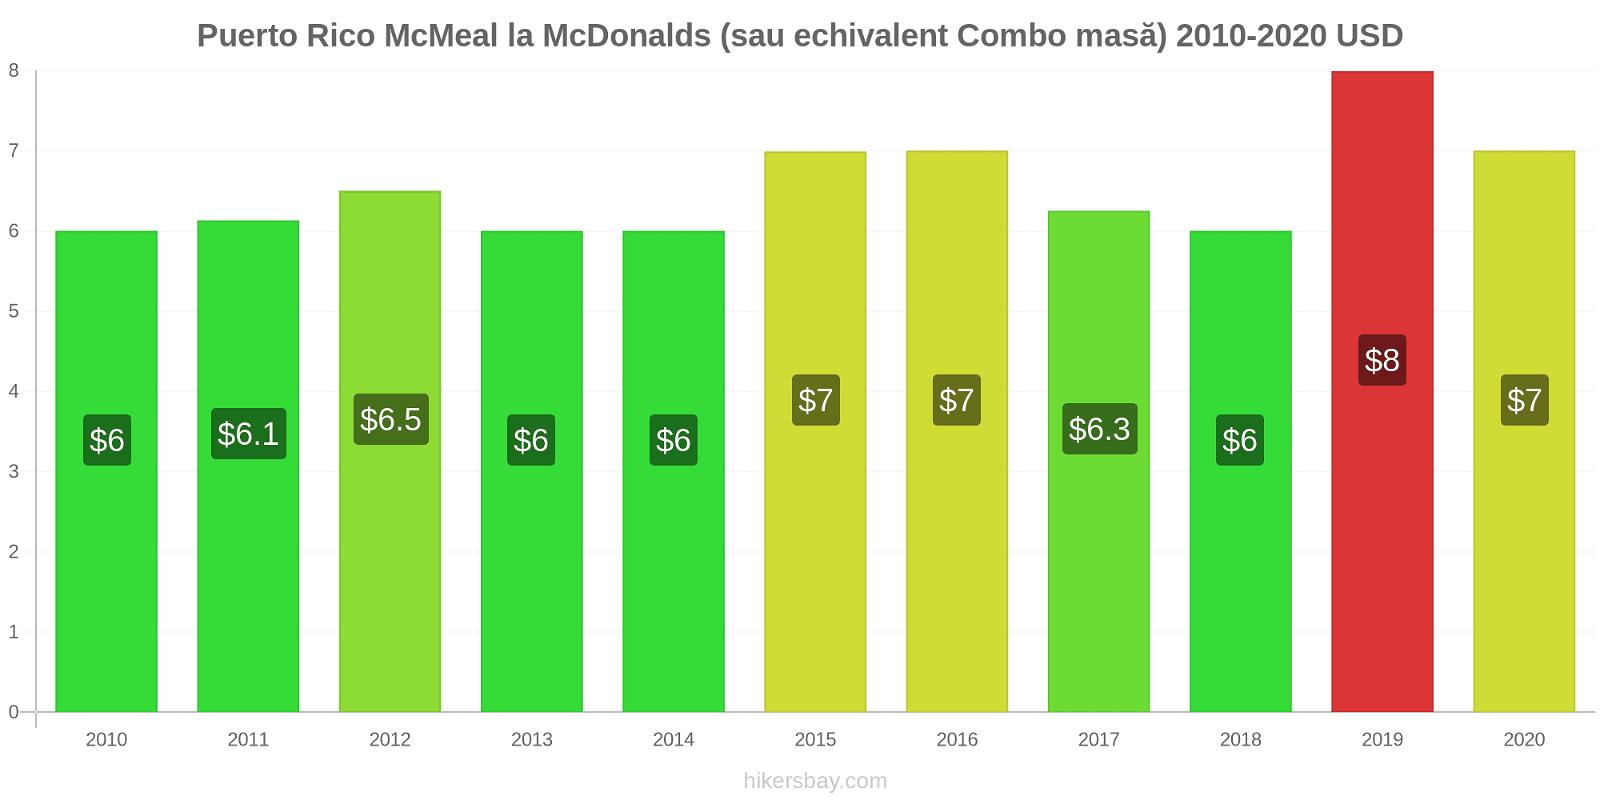 Puerto Rico modificări de preț McMeal la McDonalds (sau echivalent Combo masă) hikersbay.com